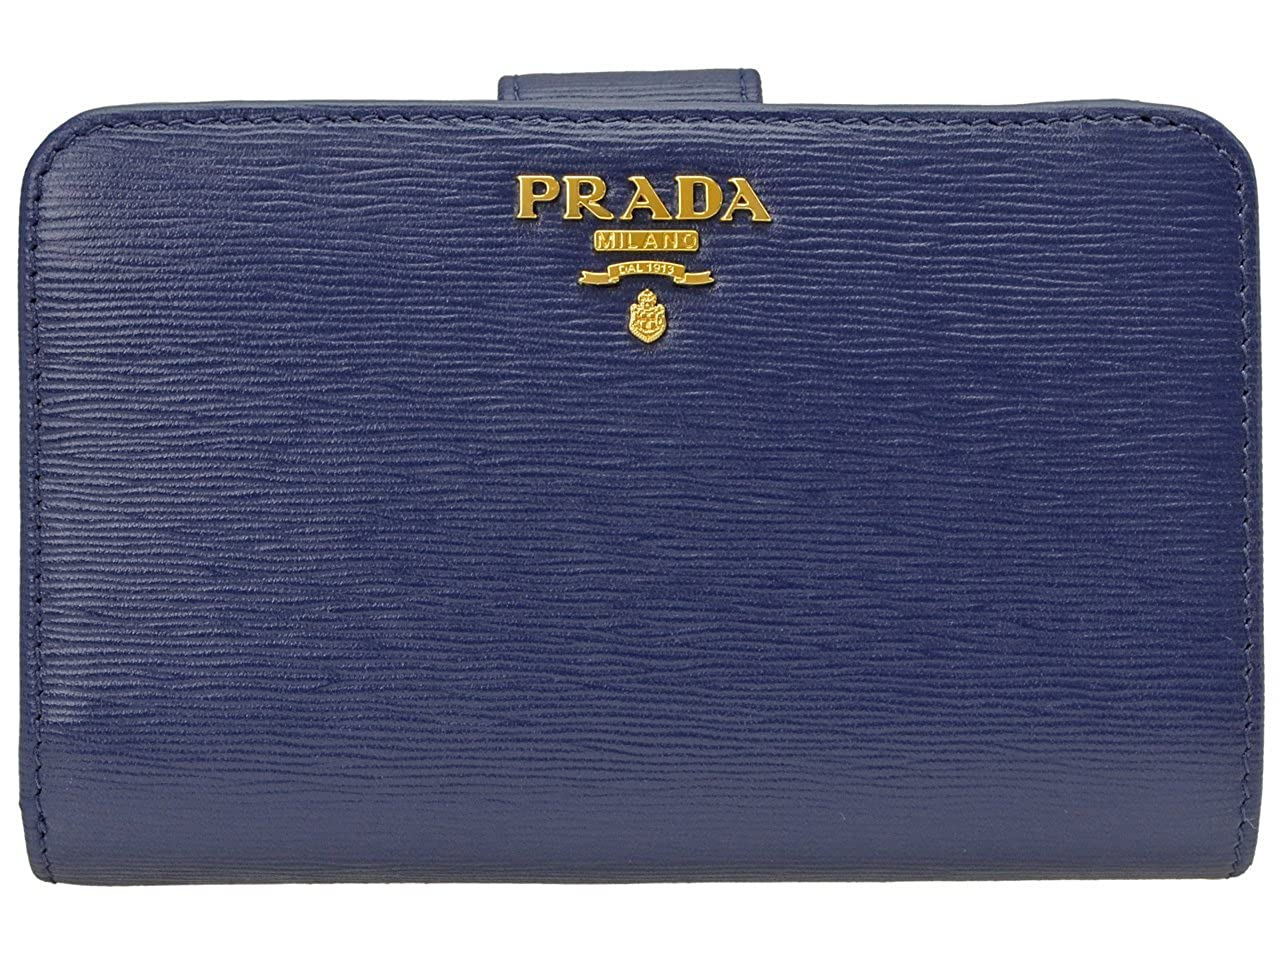 (プラダ) PRADA 財布 二つ折り レザー 1ML225 アウトレット [並行輸入品] B07195TJ64Bluette